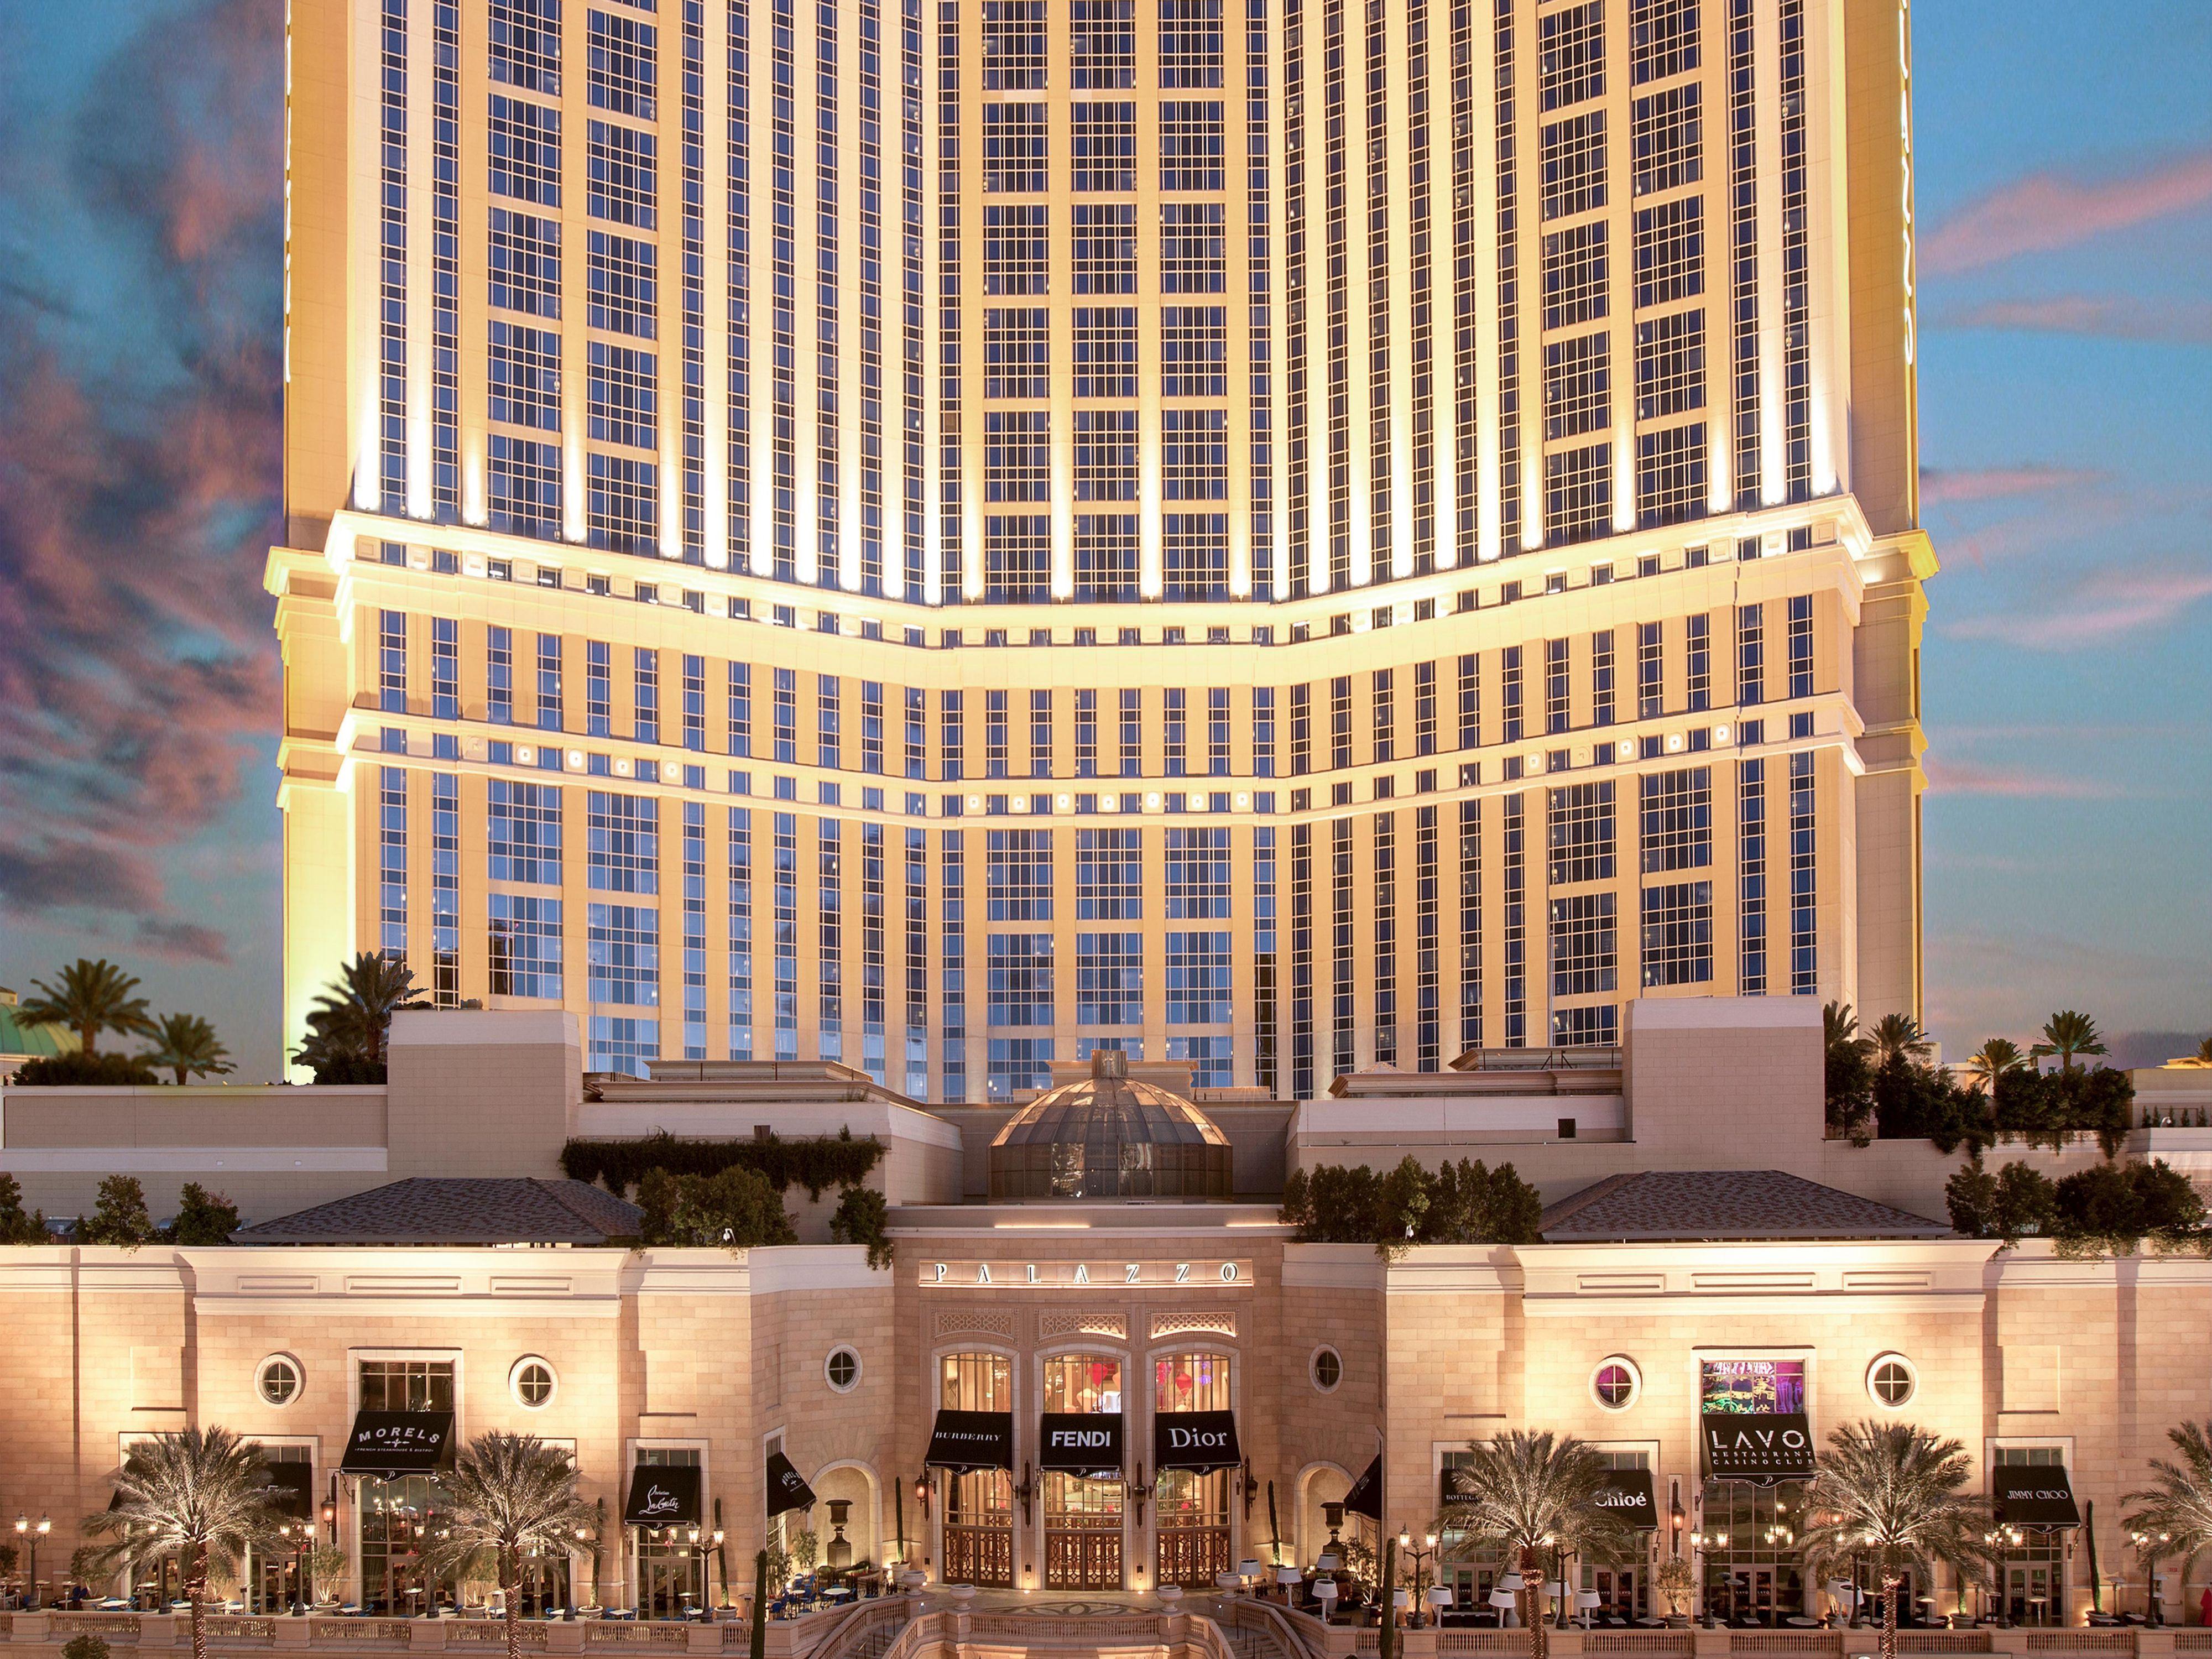 Hotels In Las Vegas Top 10 Hotels In Las Vegas Nv By Ihg